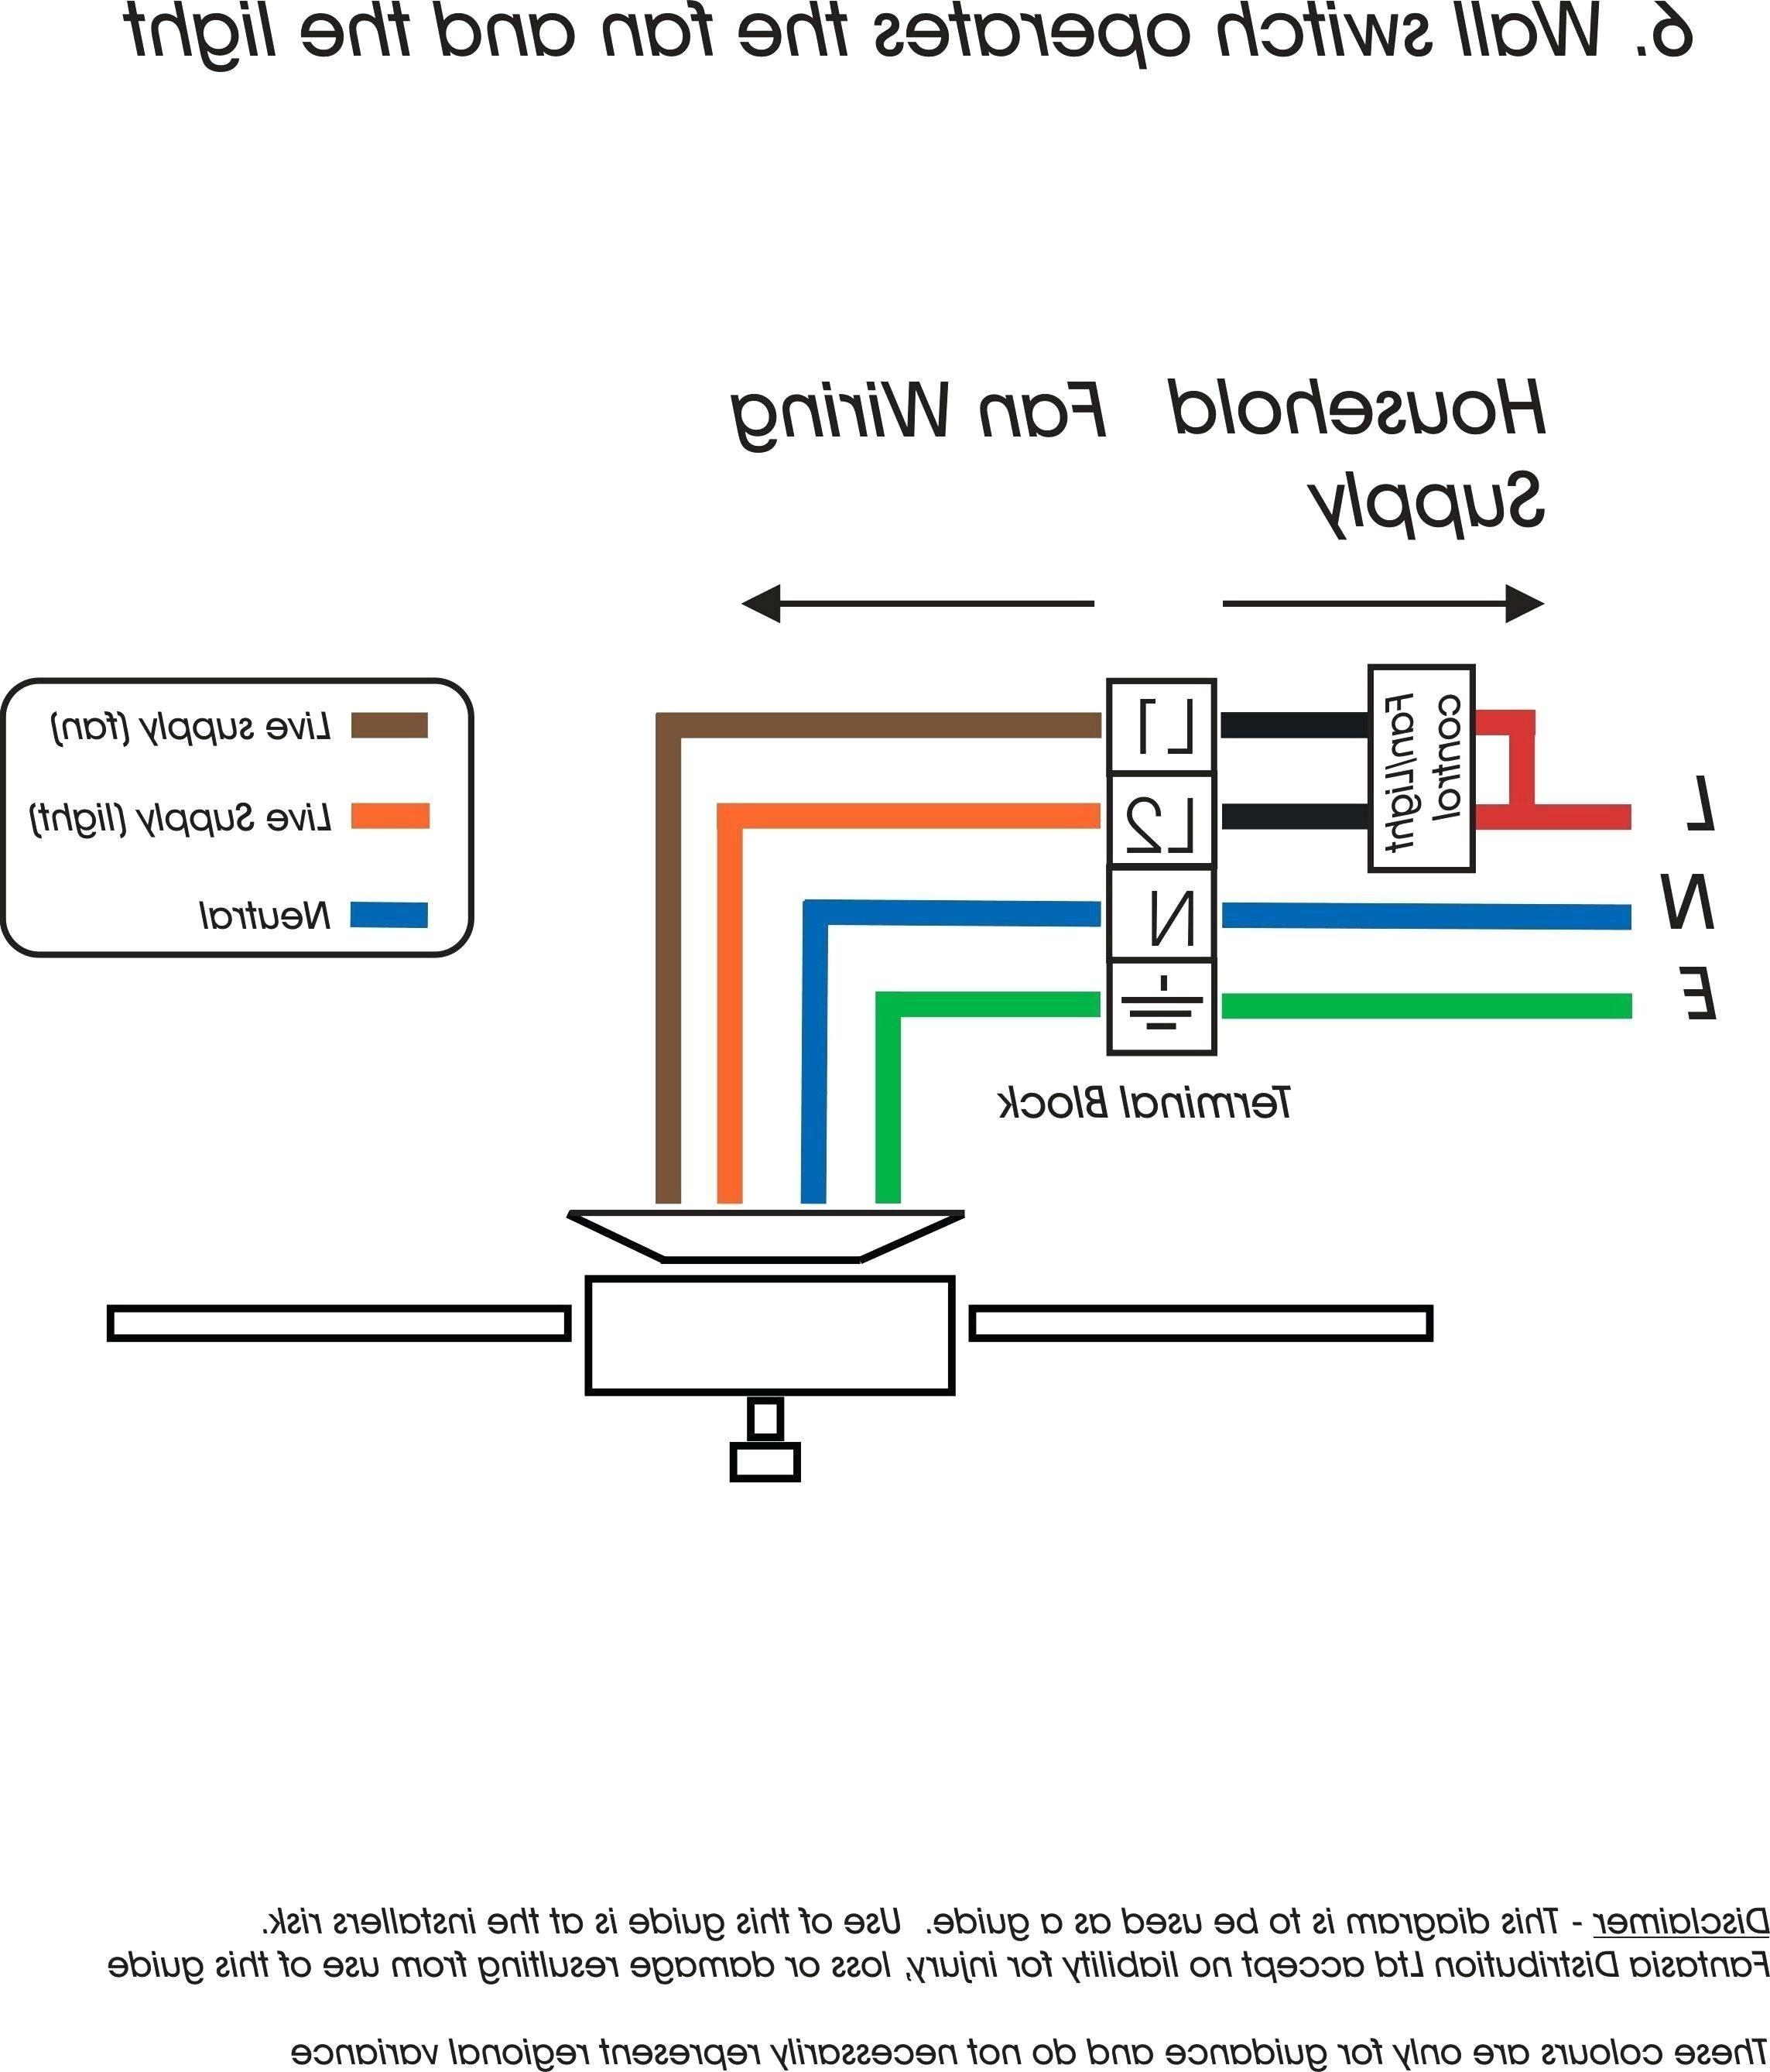 Broan Range Hood Wiring Diagram Hrv200 Broan Wiring Diagram Worksheet and Wiring Diagram • Of Broan Range Hood Wiring Diagram